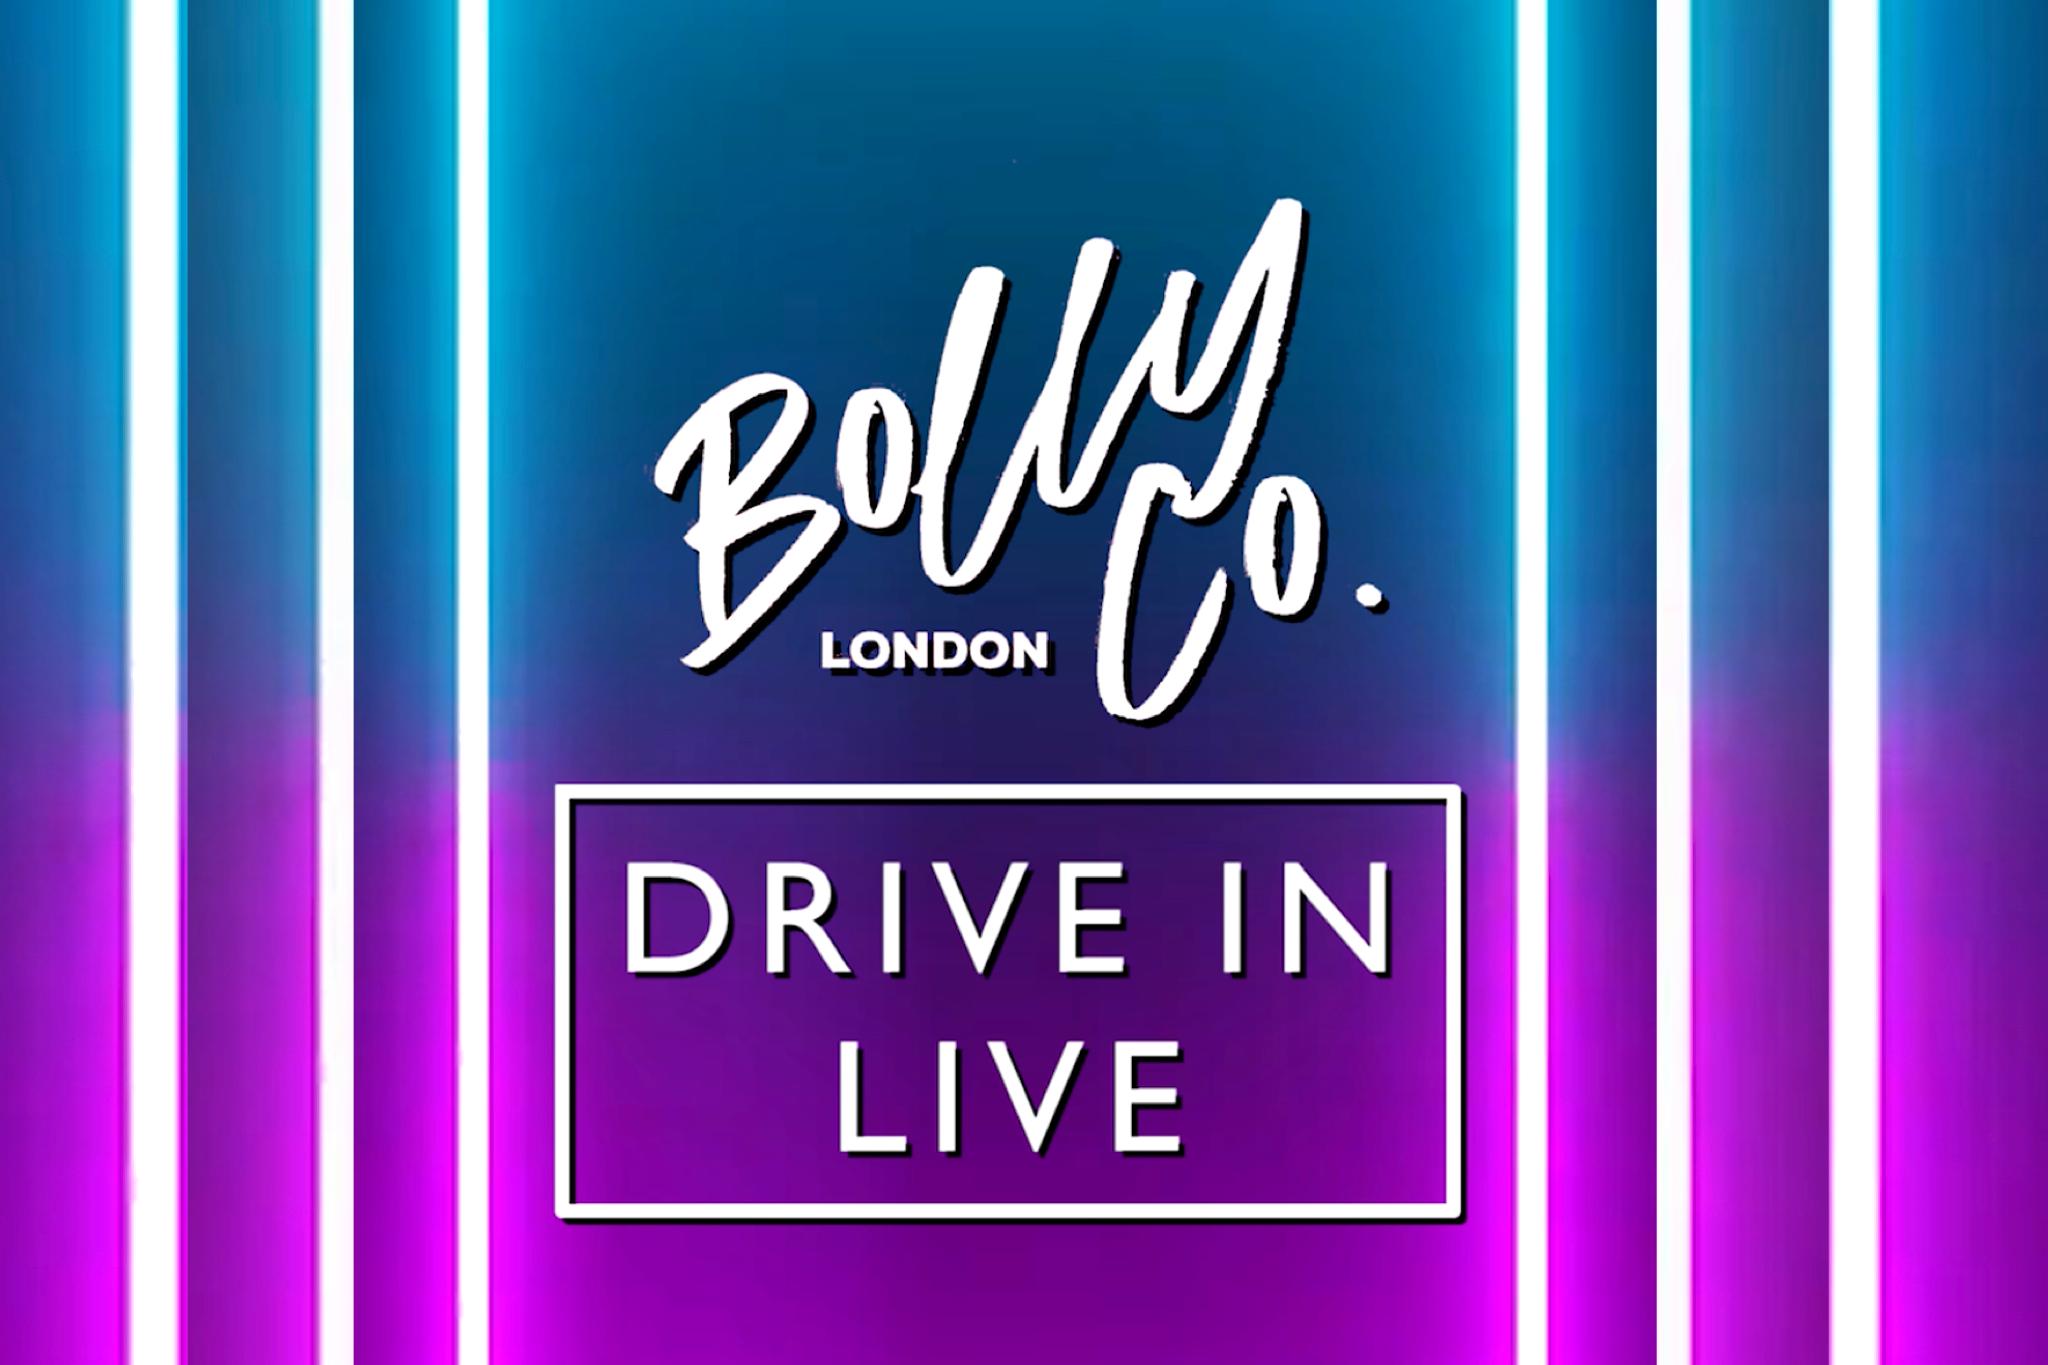 Drive in Live logo no border